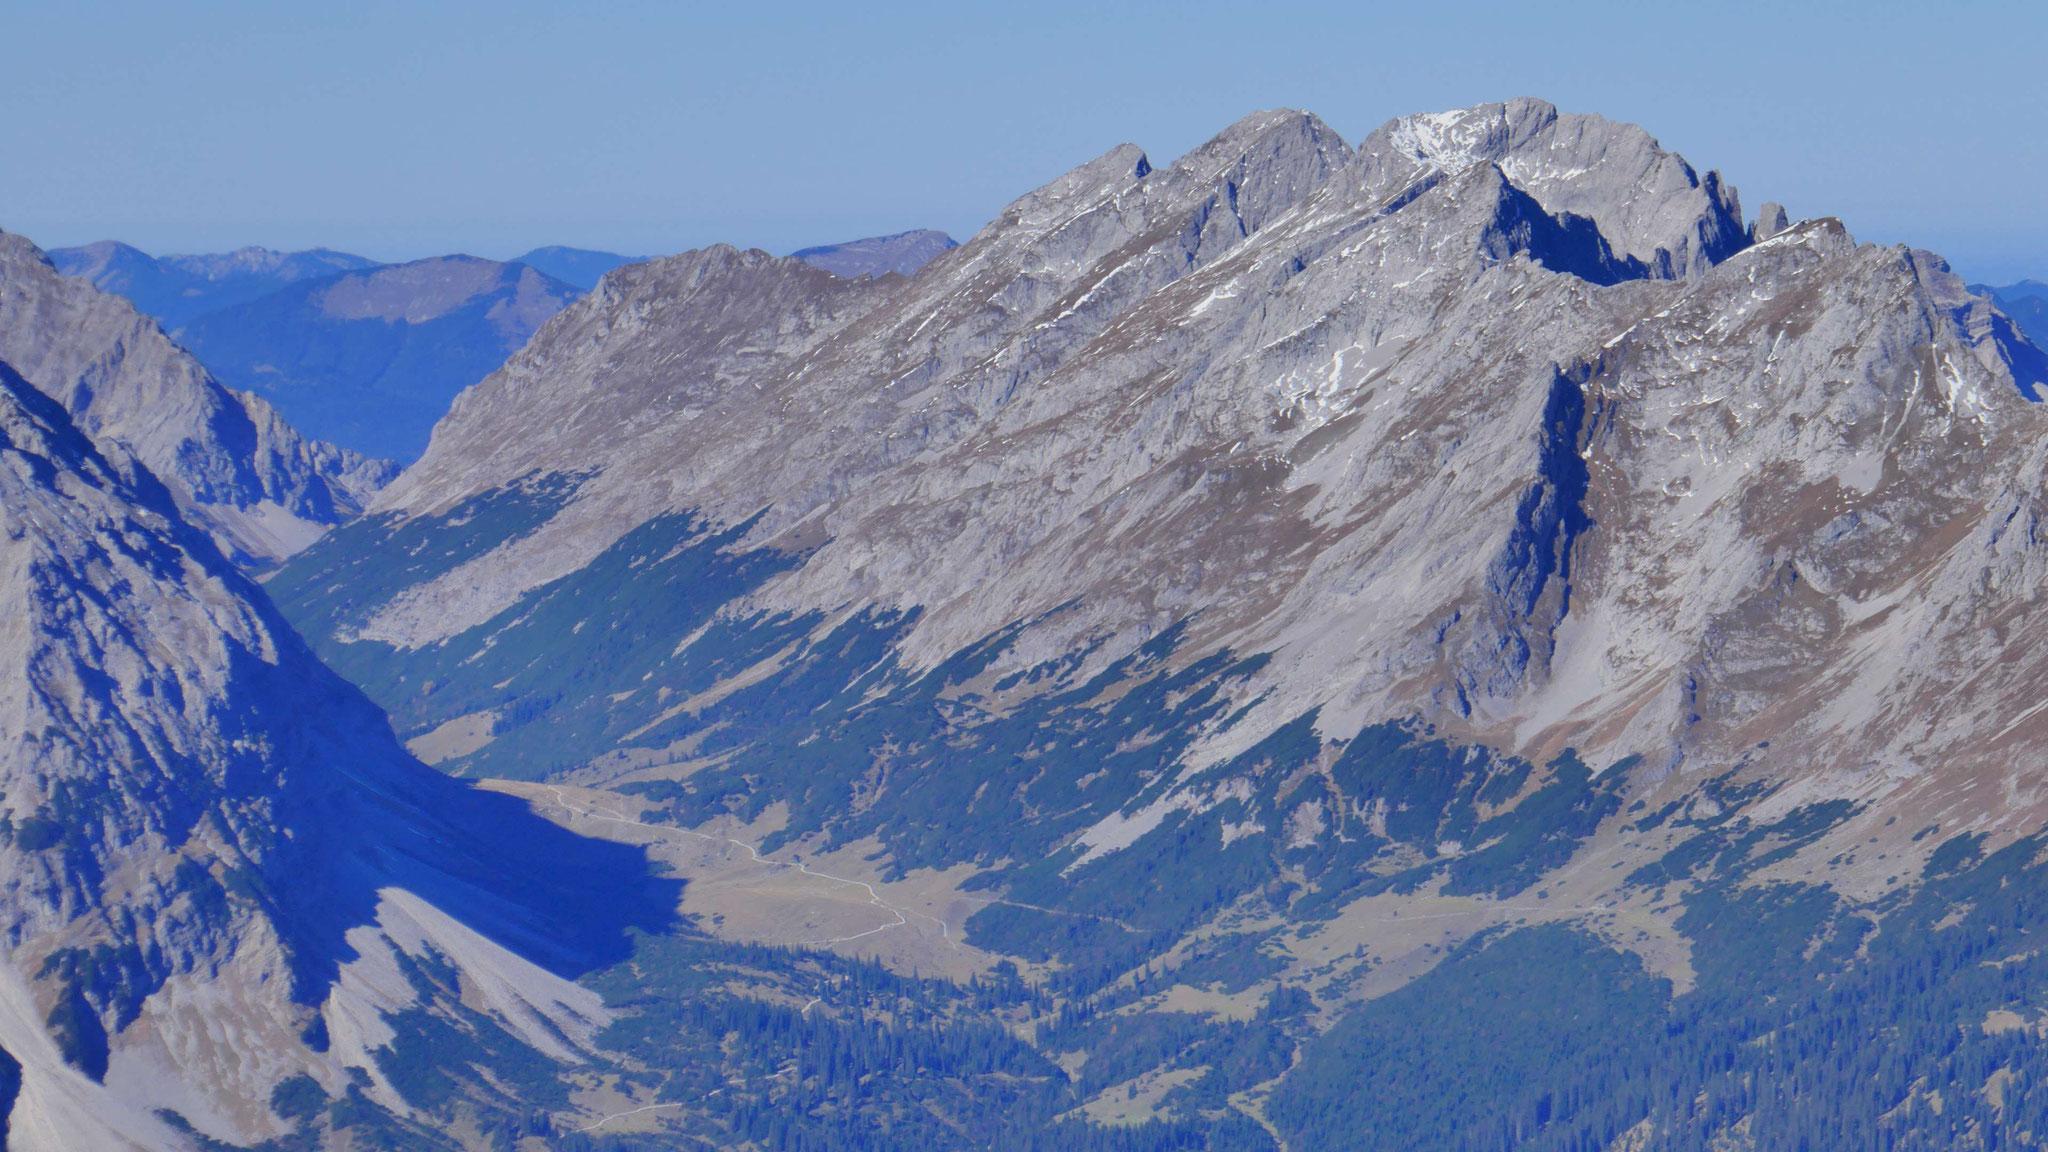 Nördliche Karwendelkette mit Östlicher Karwendelspitze